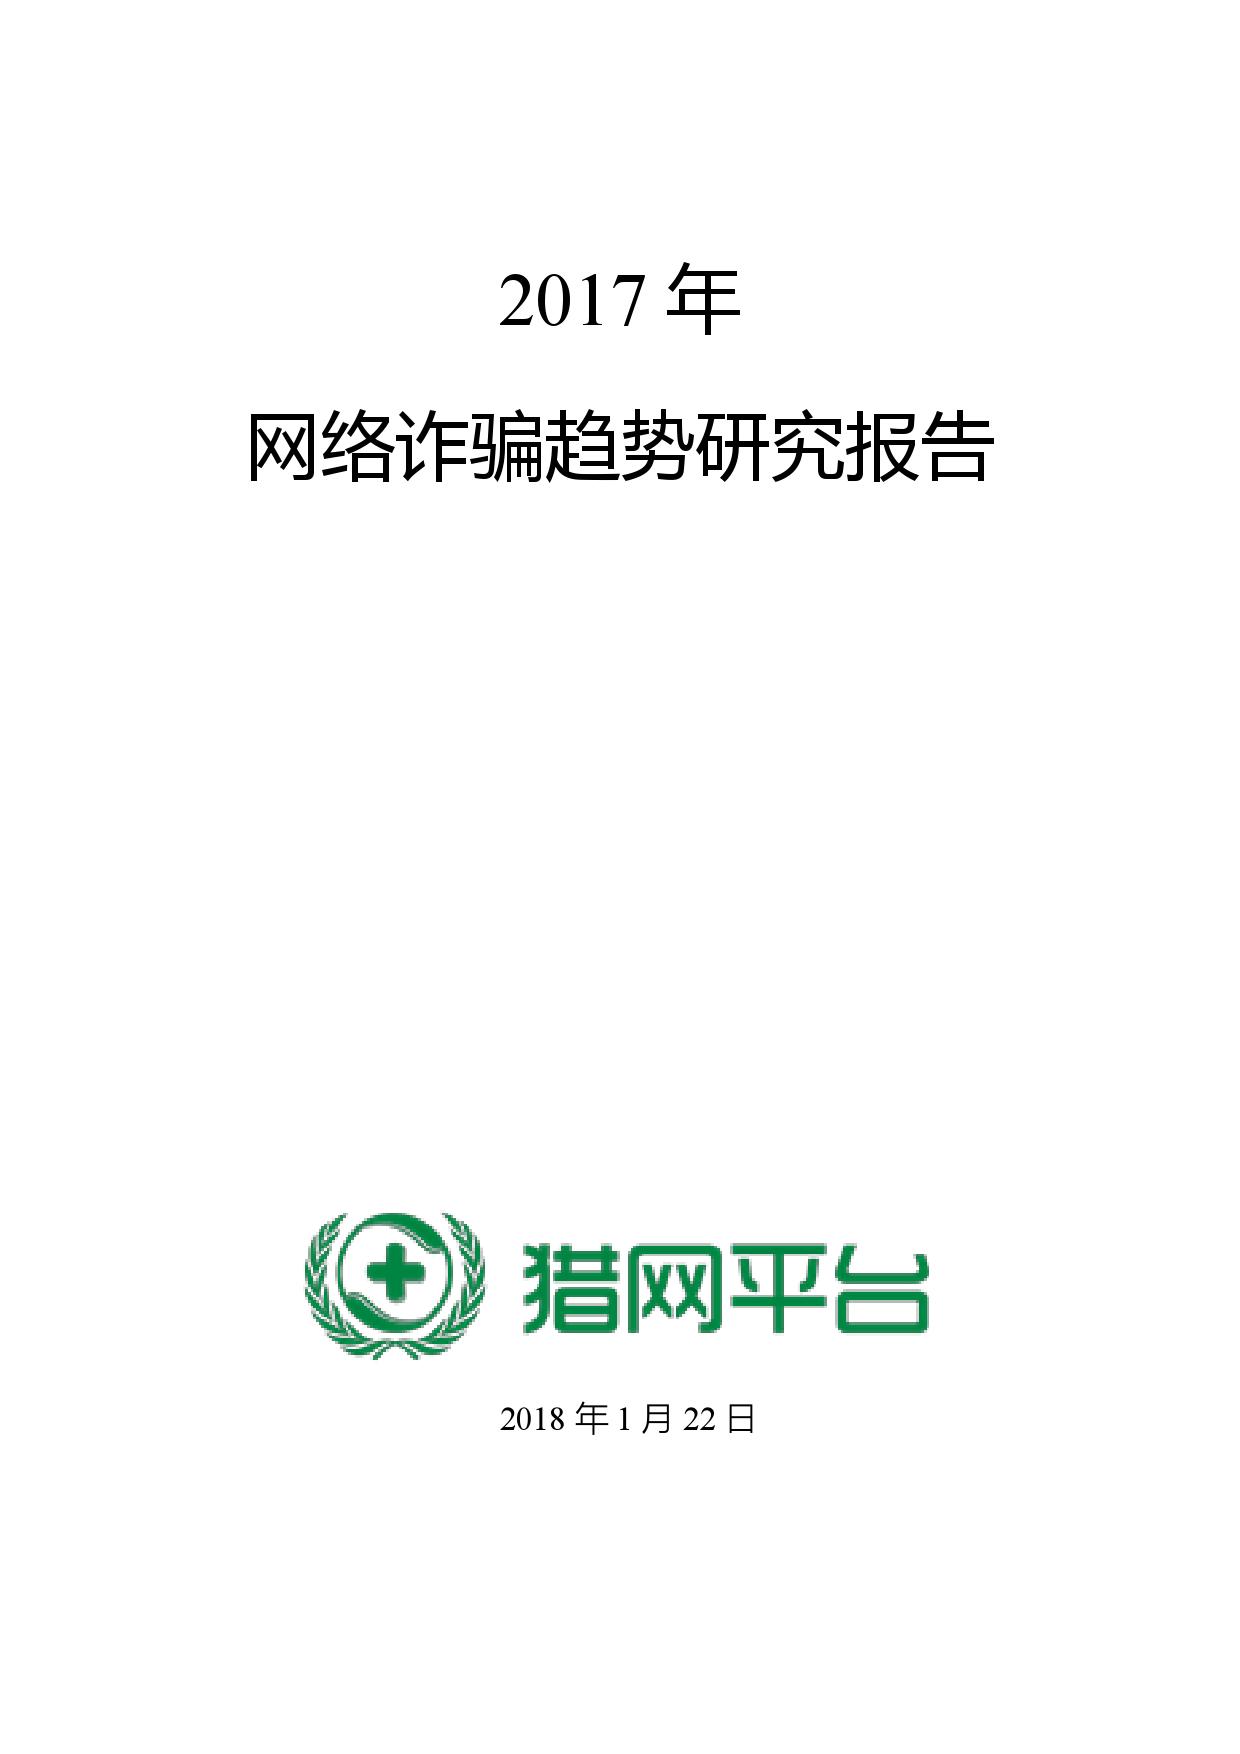 360:2017年网络诈骗趋势研究报告(附下载)